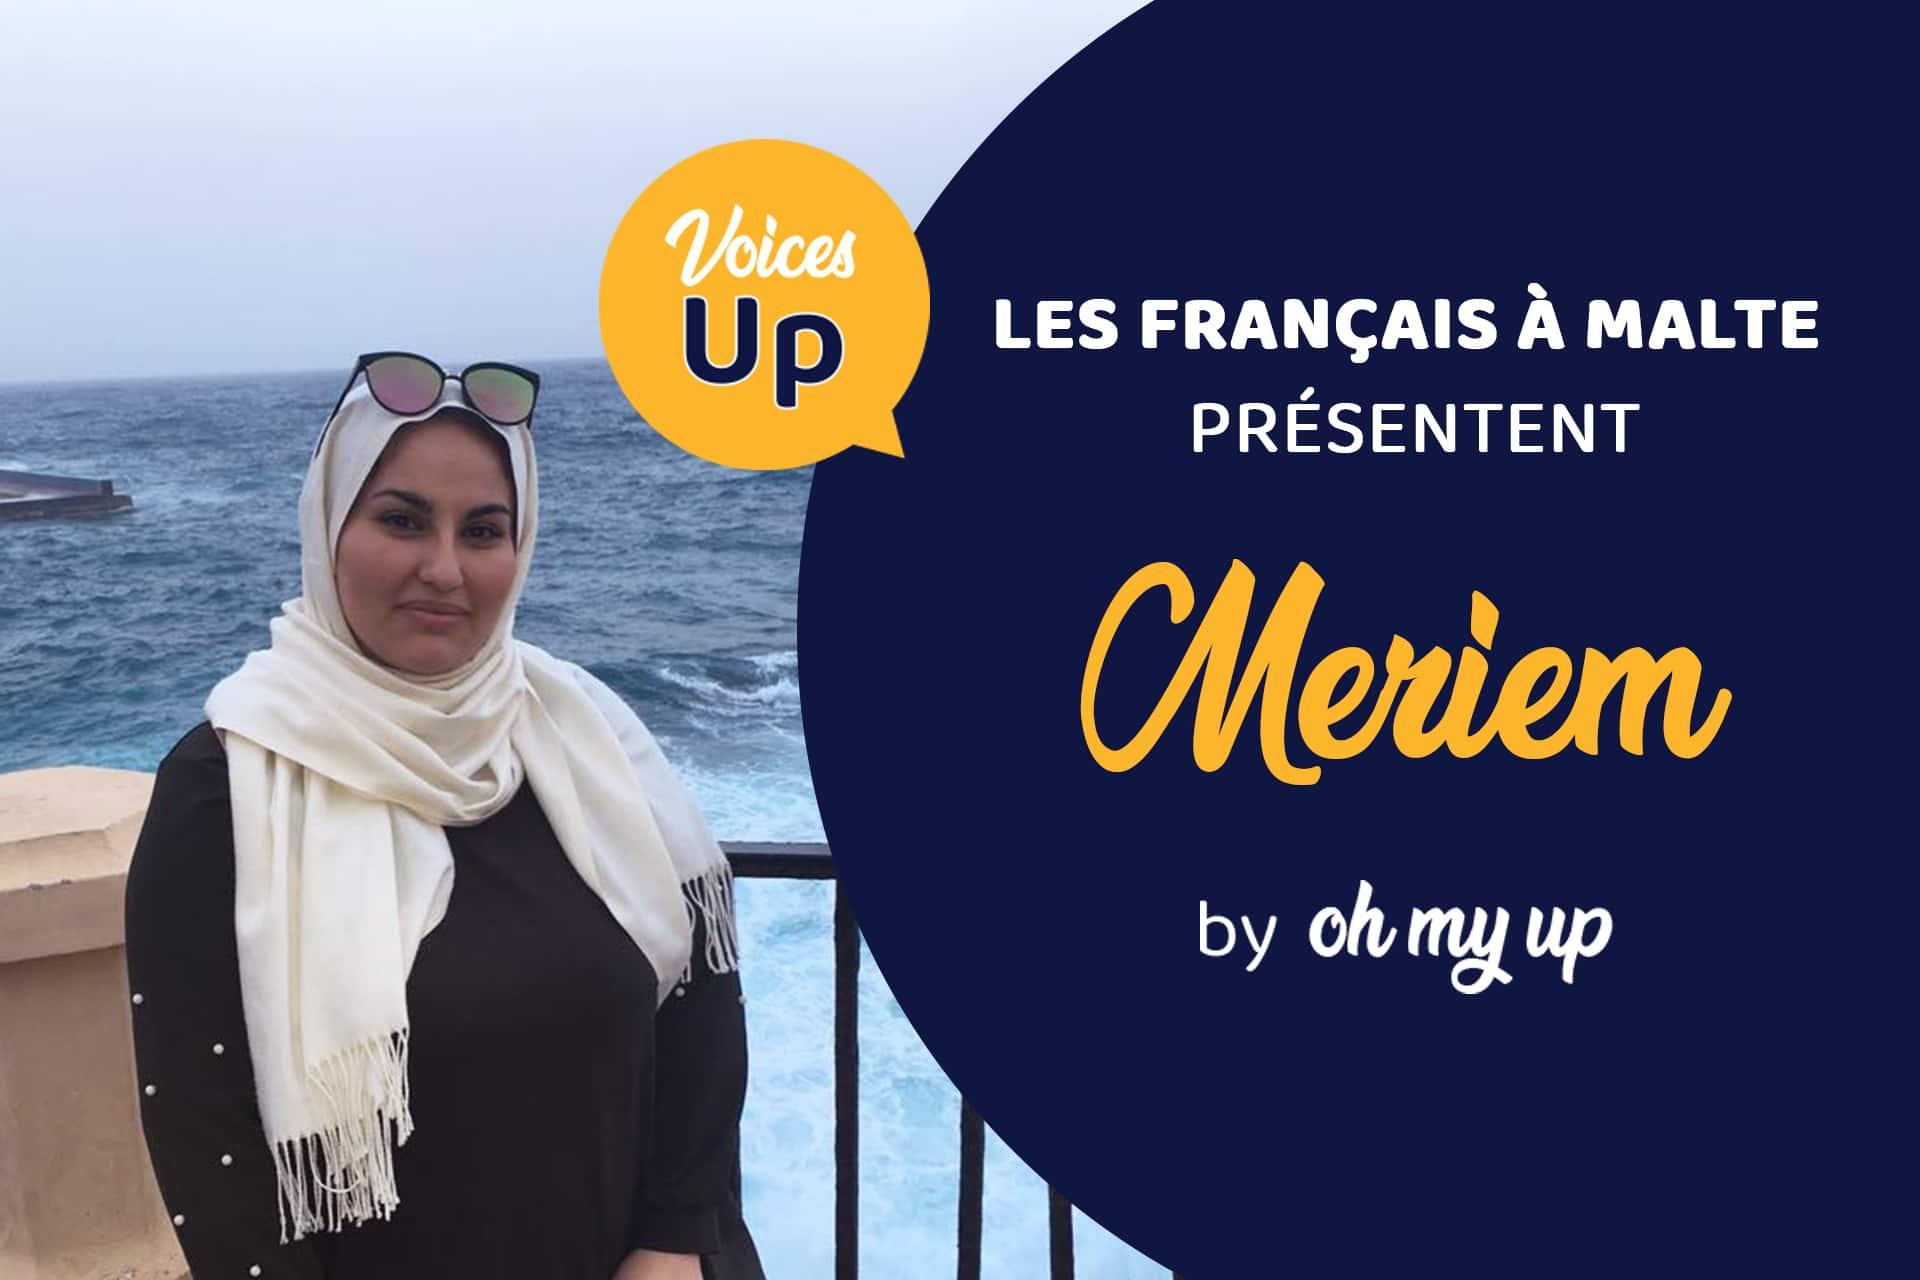 """Témoignage : """"Je suis musulmane à Malte, comment ça se passe ?"""" - Voices UP"""